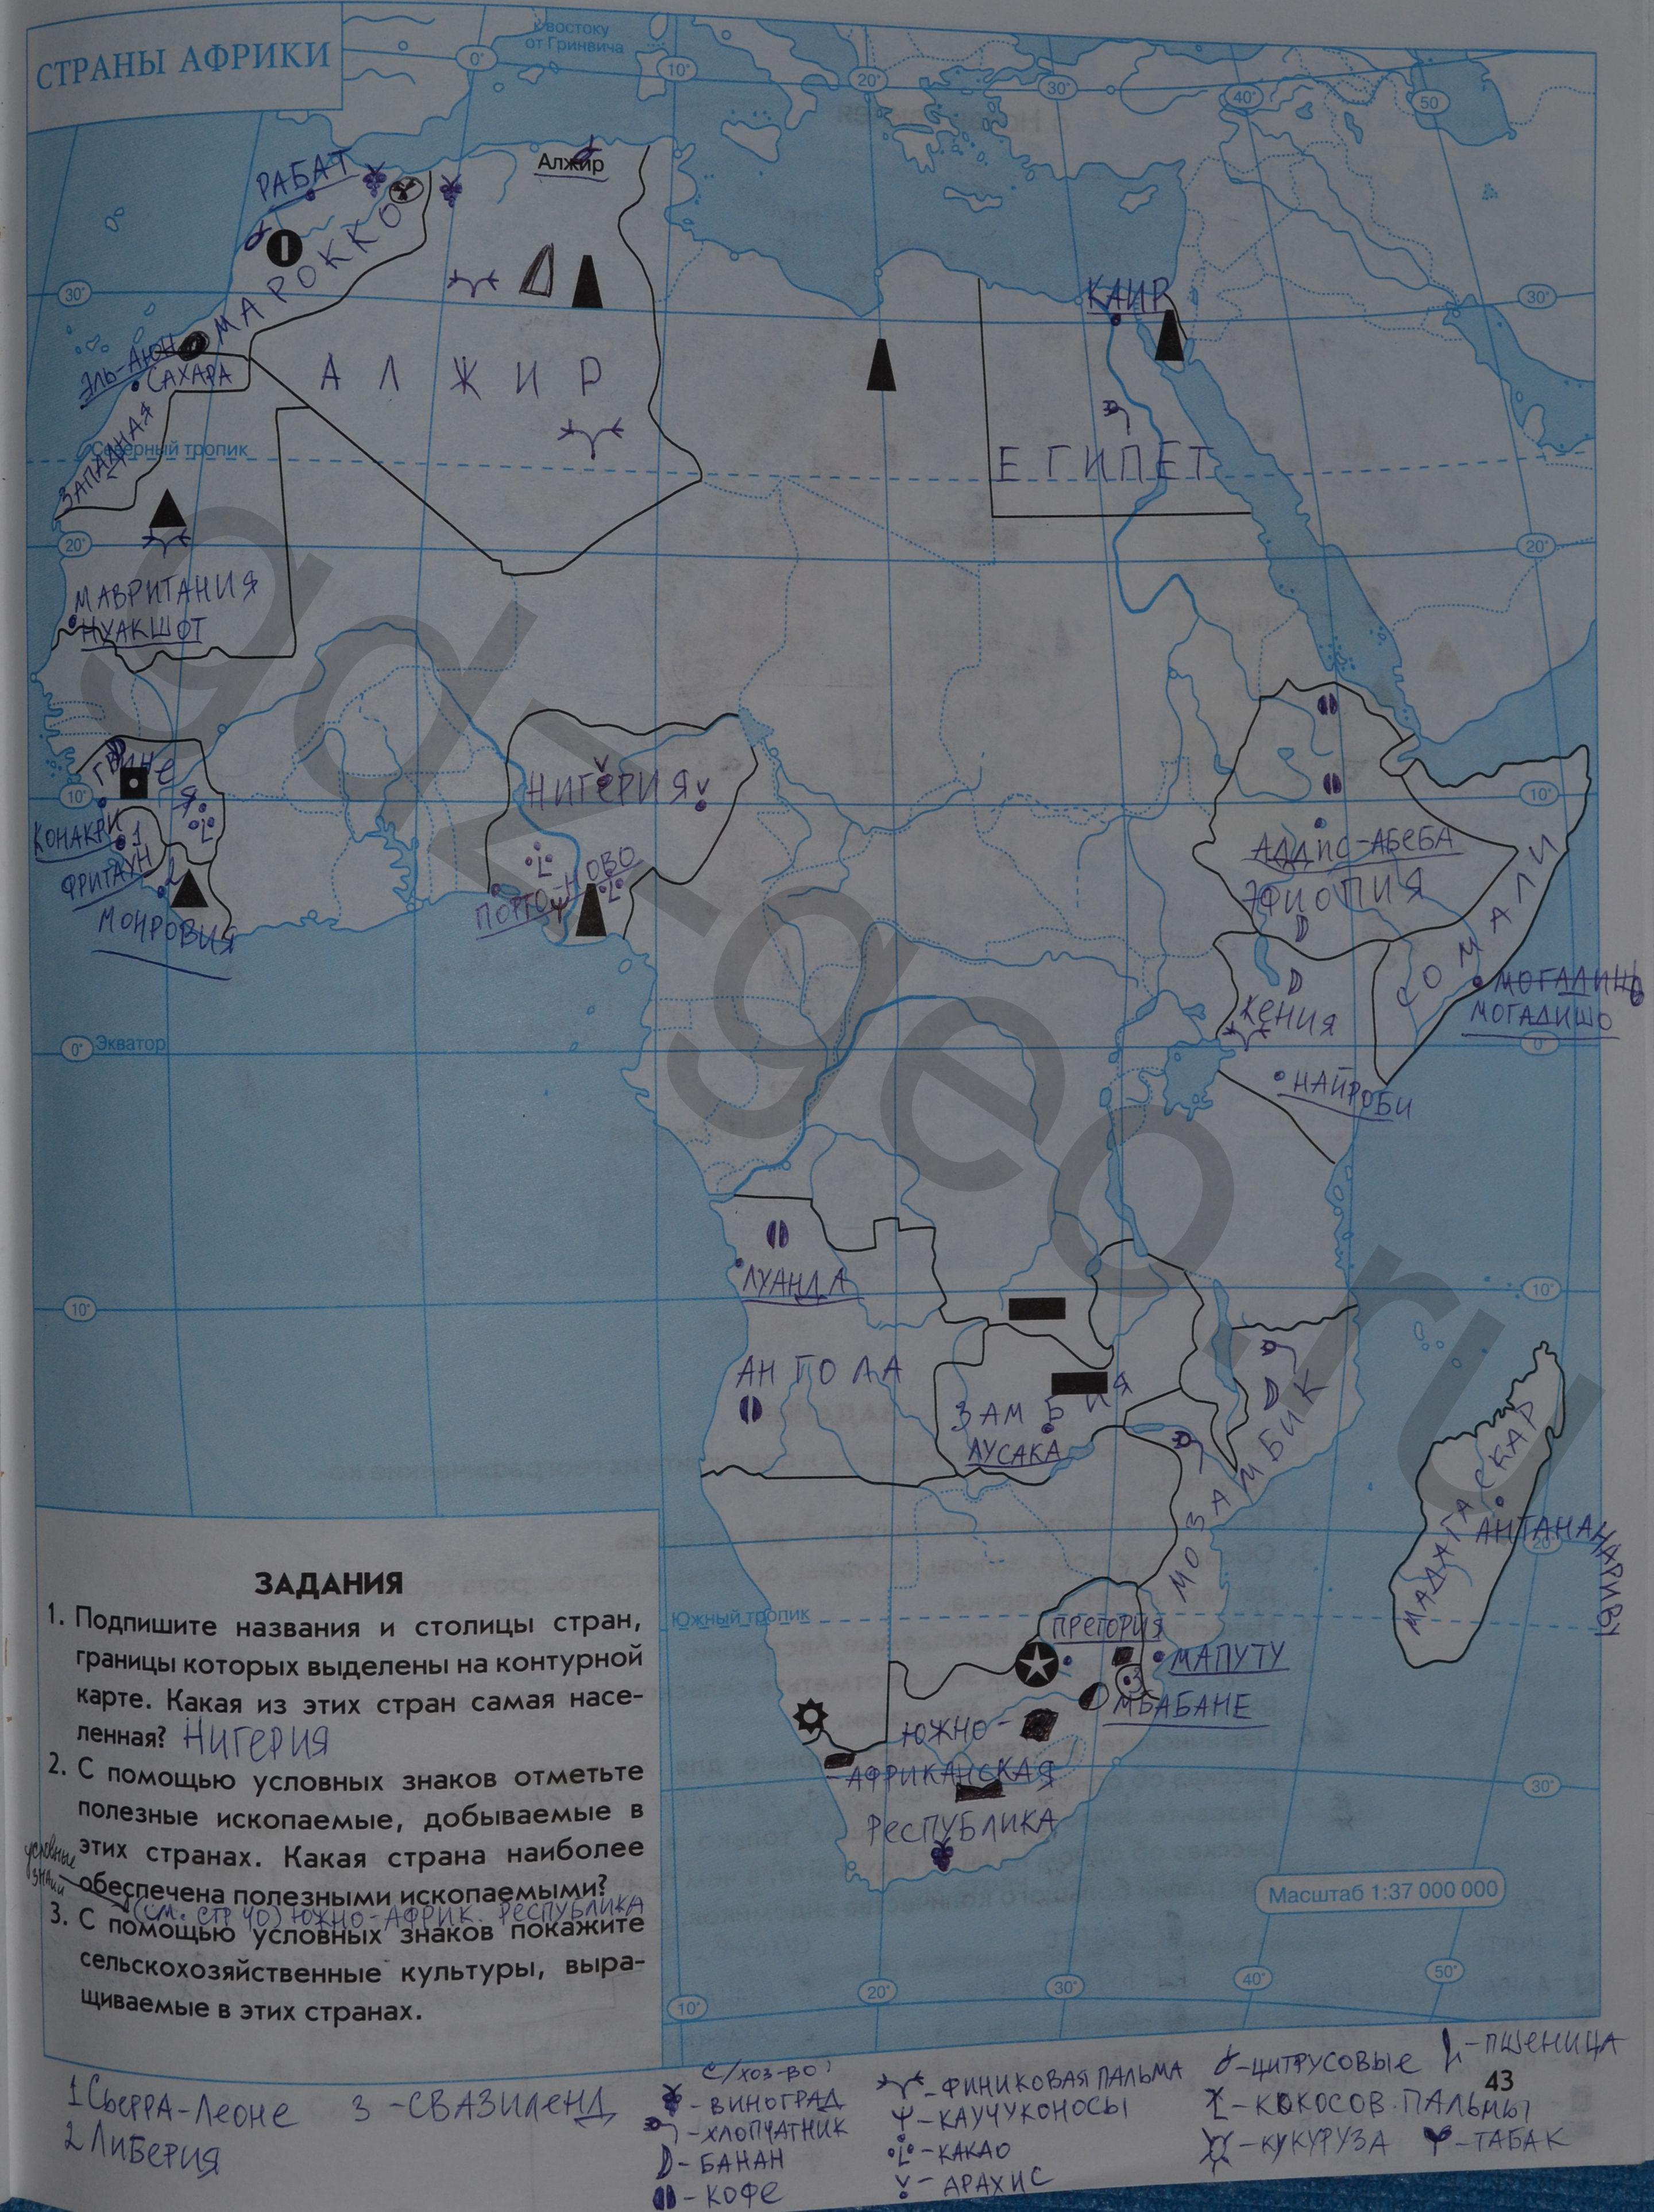 Решебник по географии 6 класс галай крайко практические задания без скачивания